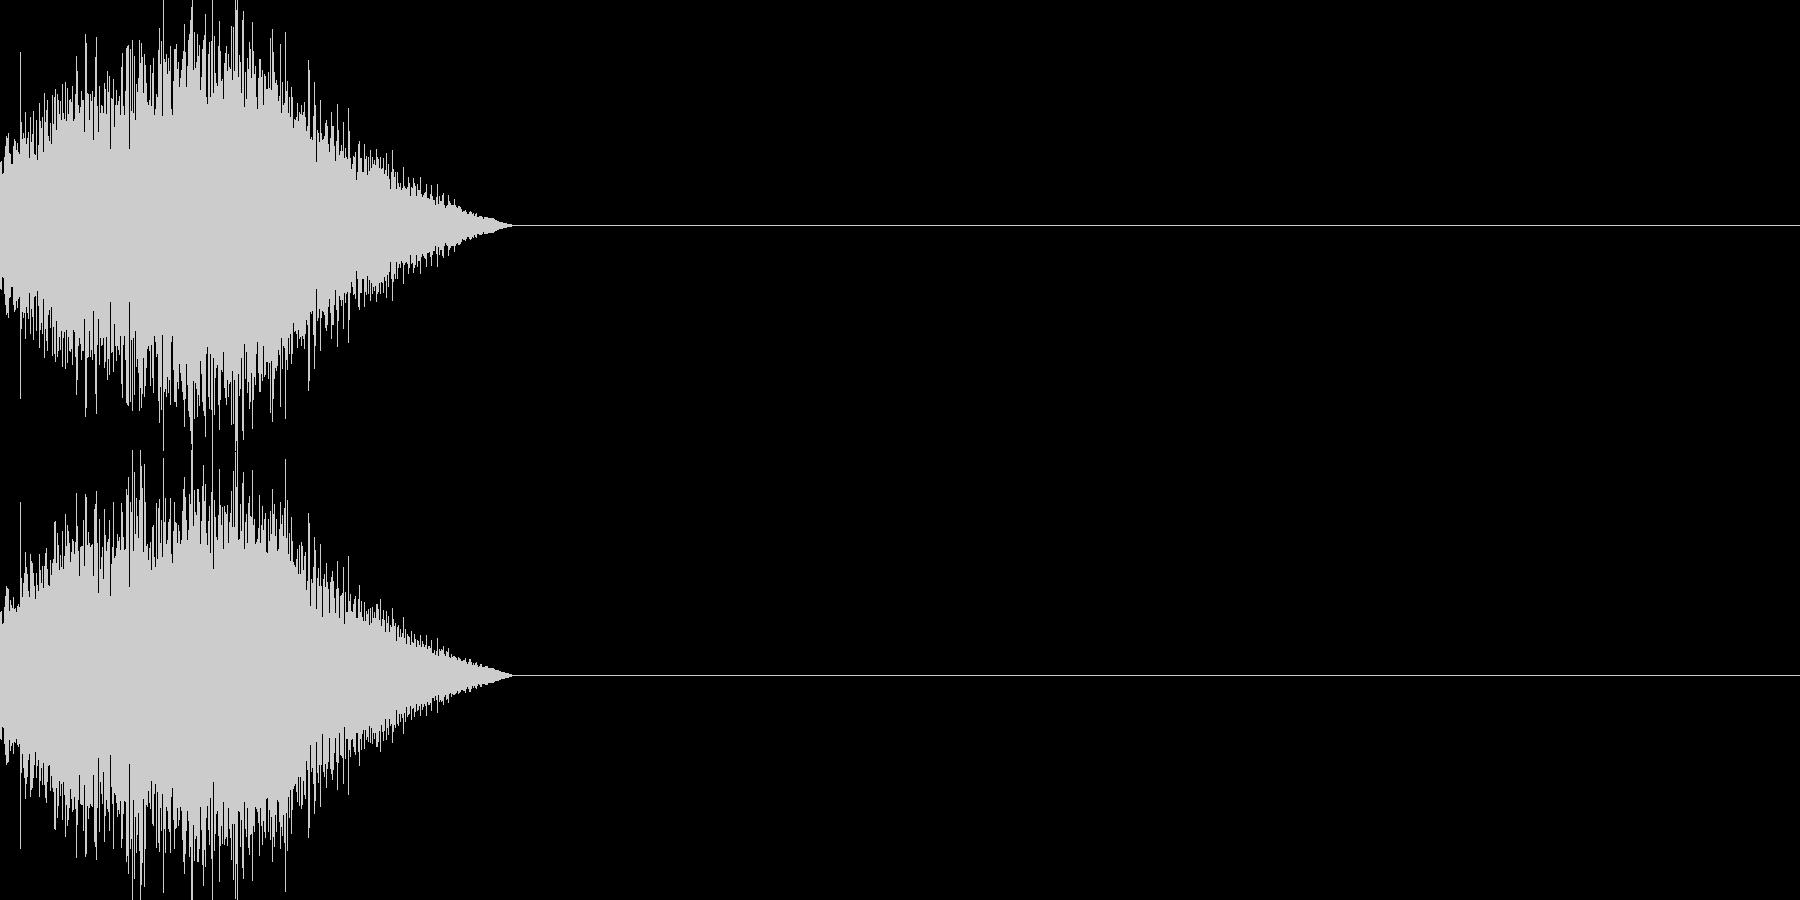 魔法 レベルアップ キラキラキラーンの未再生の波形